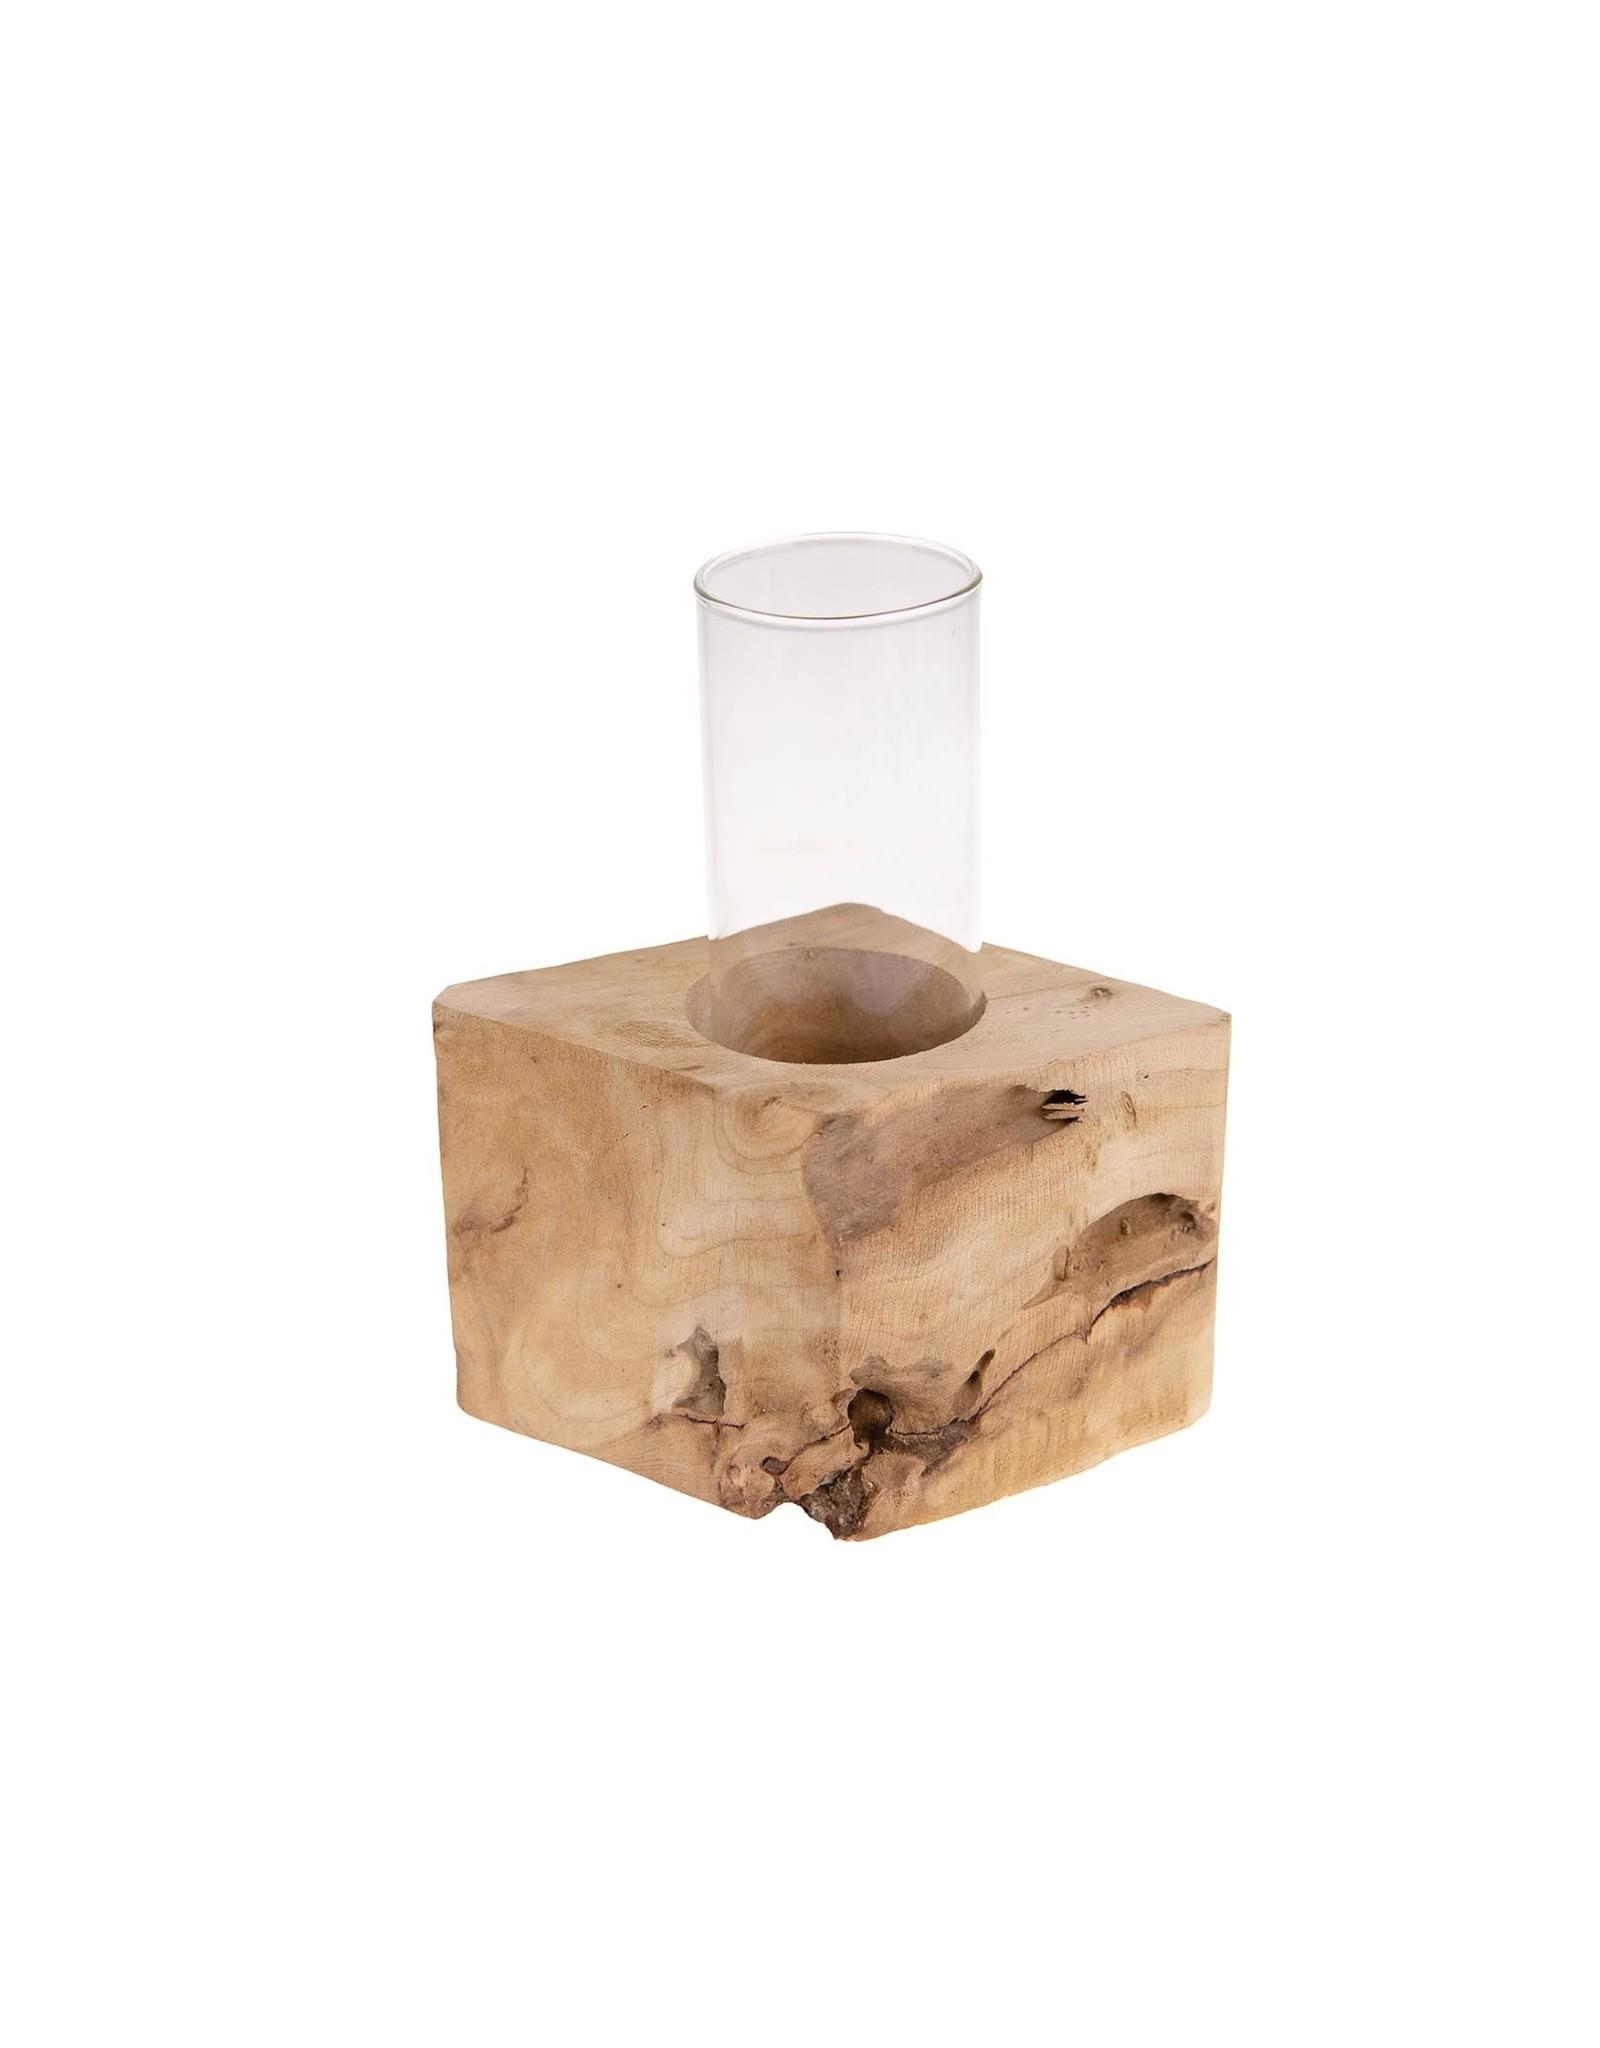 Dijk Candle Holder Chestnut Wood 15x10x10cm